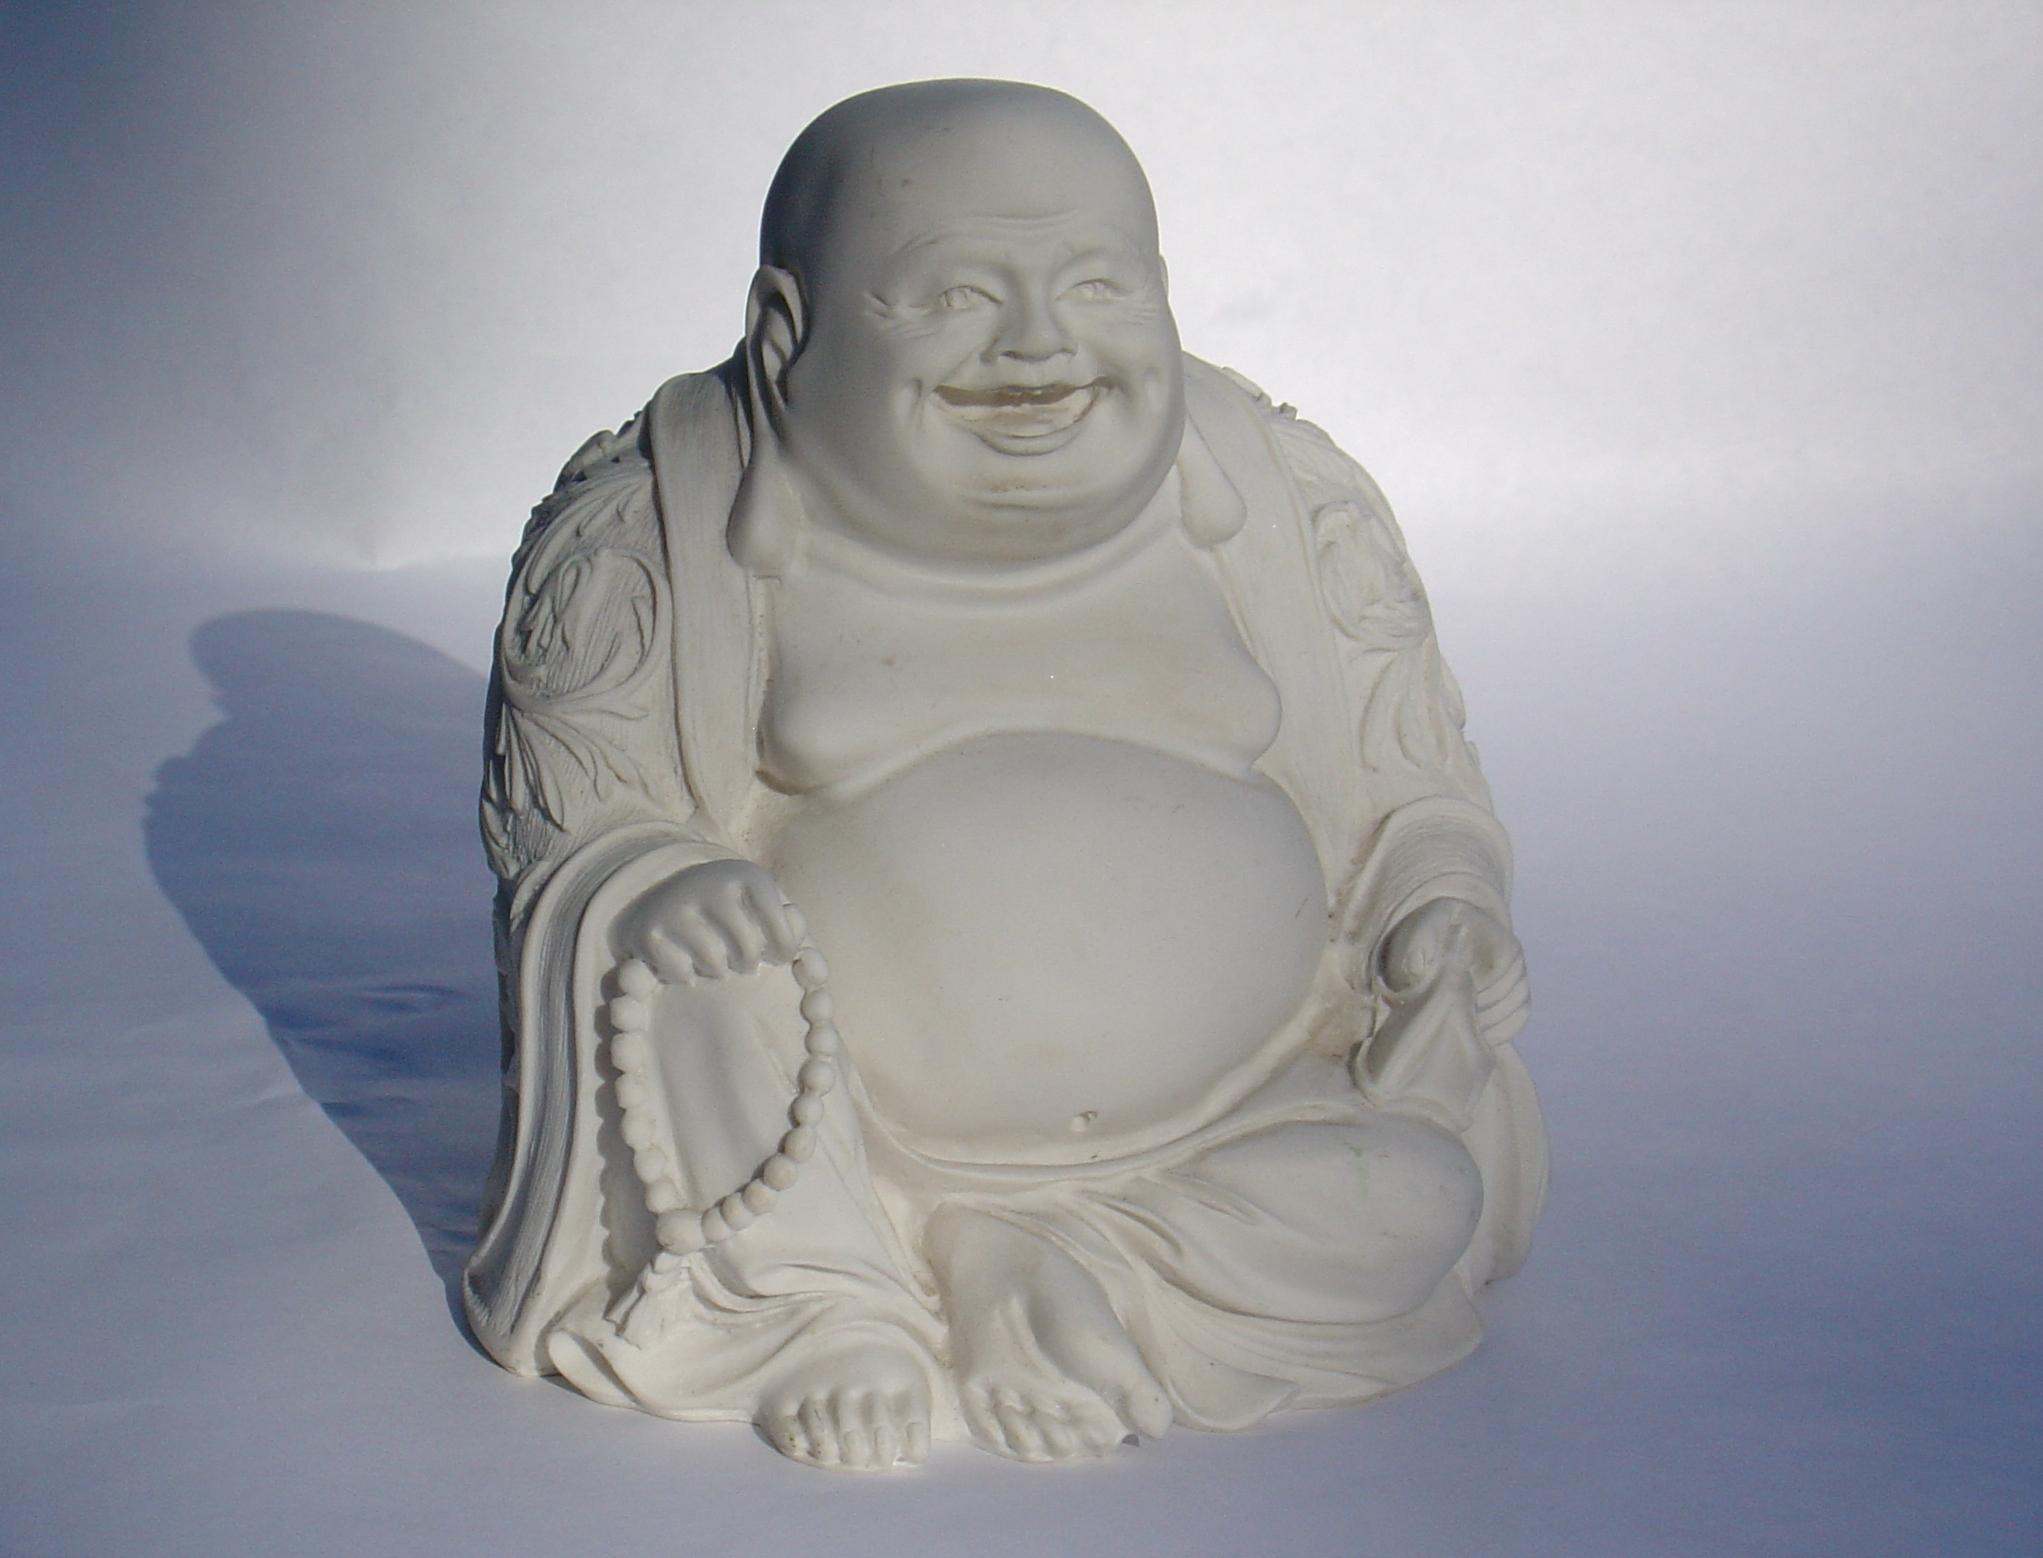 Foto von einem lachenden Buddha